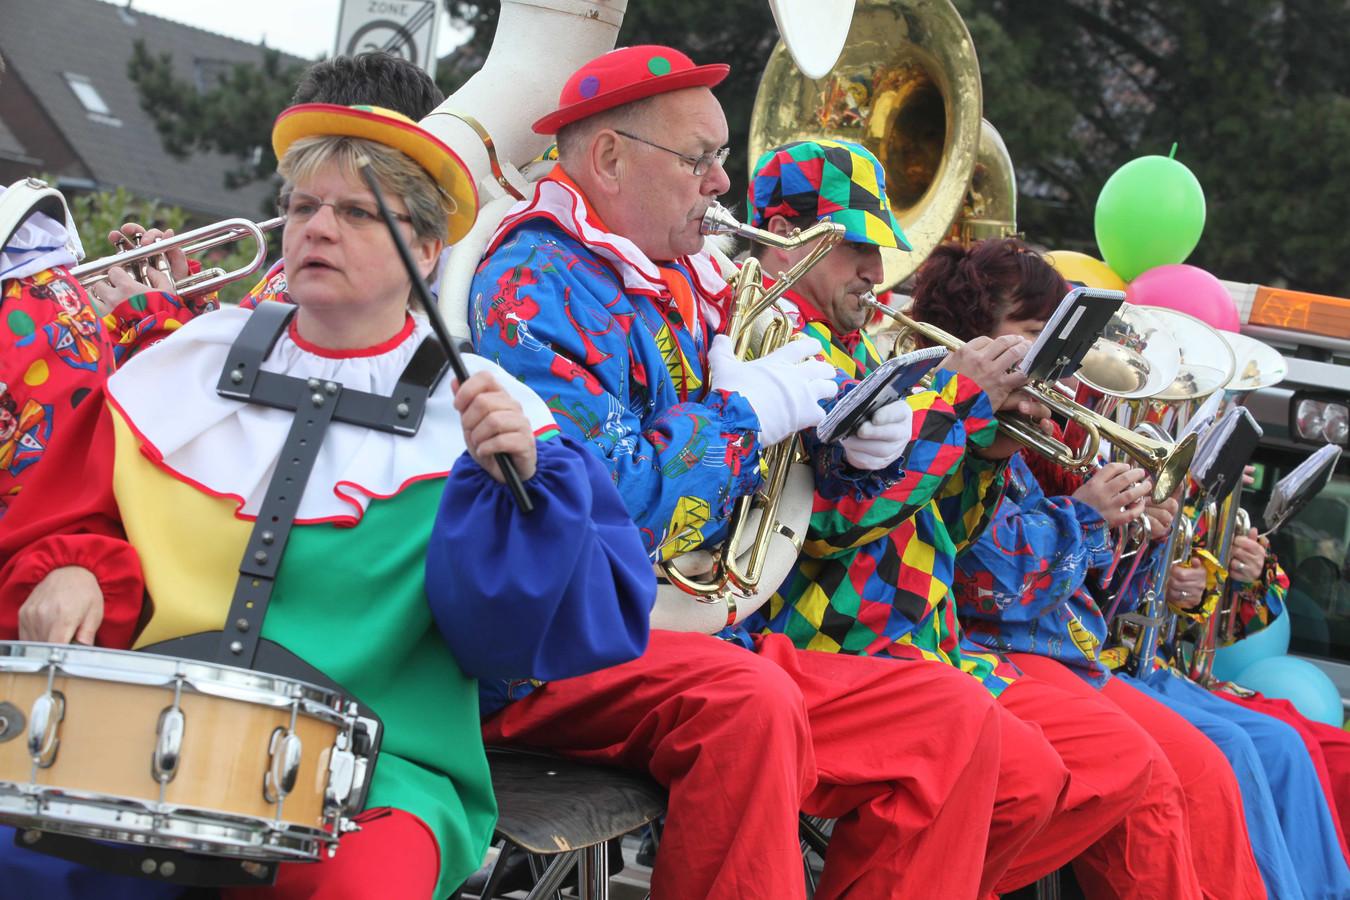 Carnavalsoptochten in de regio; waar moet je zijn? | Utrecht | AD.nl